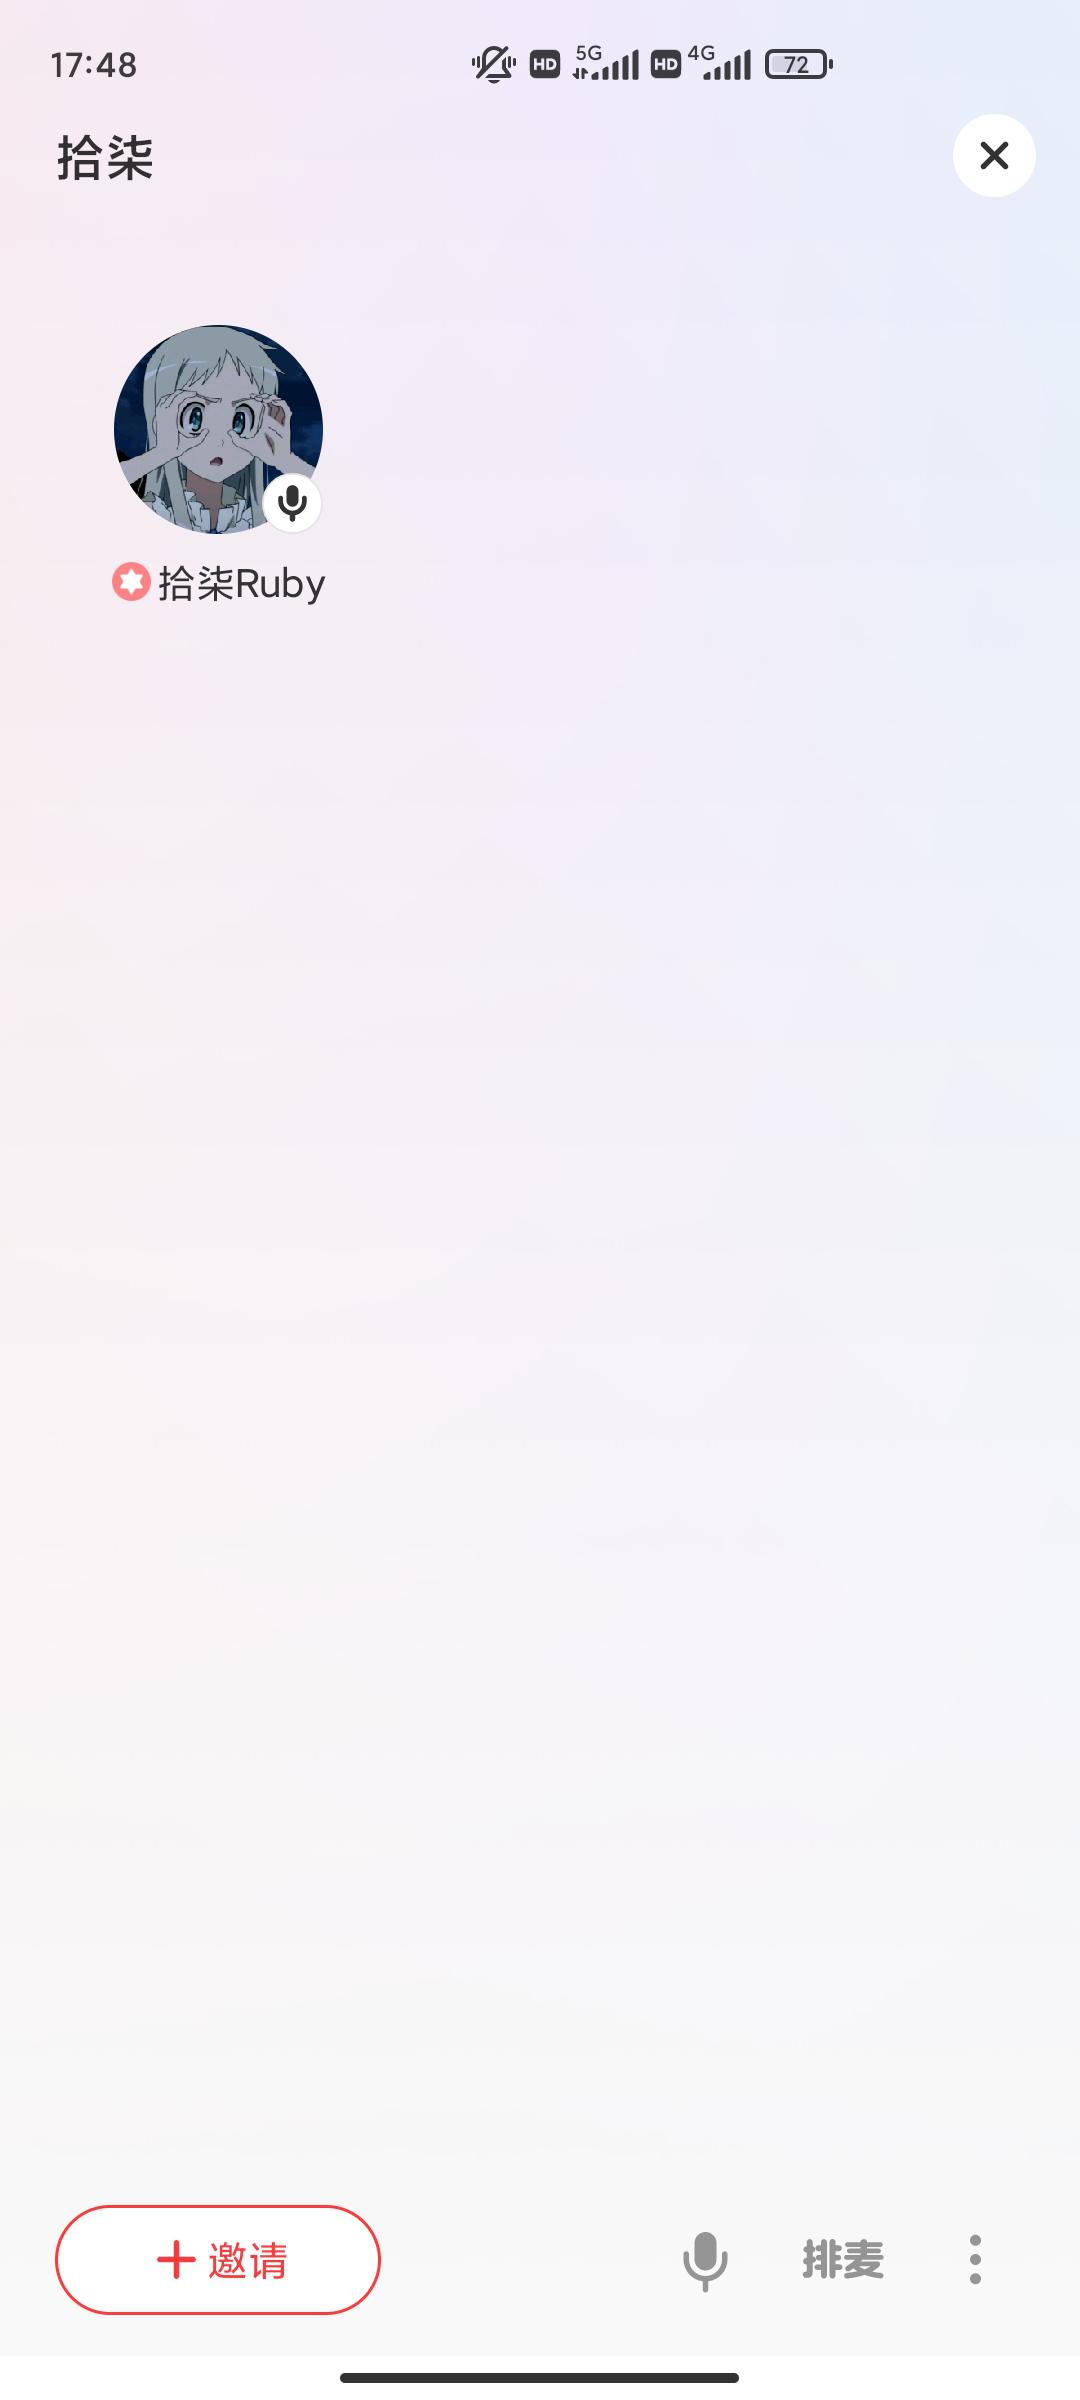 """网易云音乐发布安卓8.1.31版本更新 上线音频社交功能""""侃侃""""截图"""